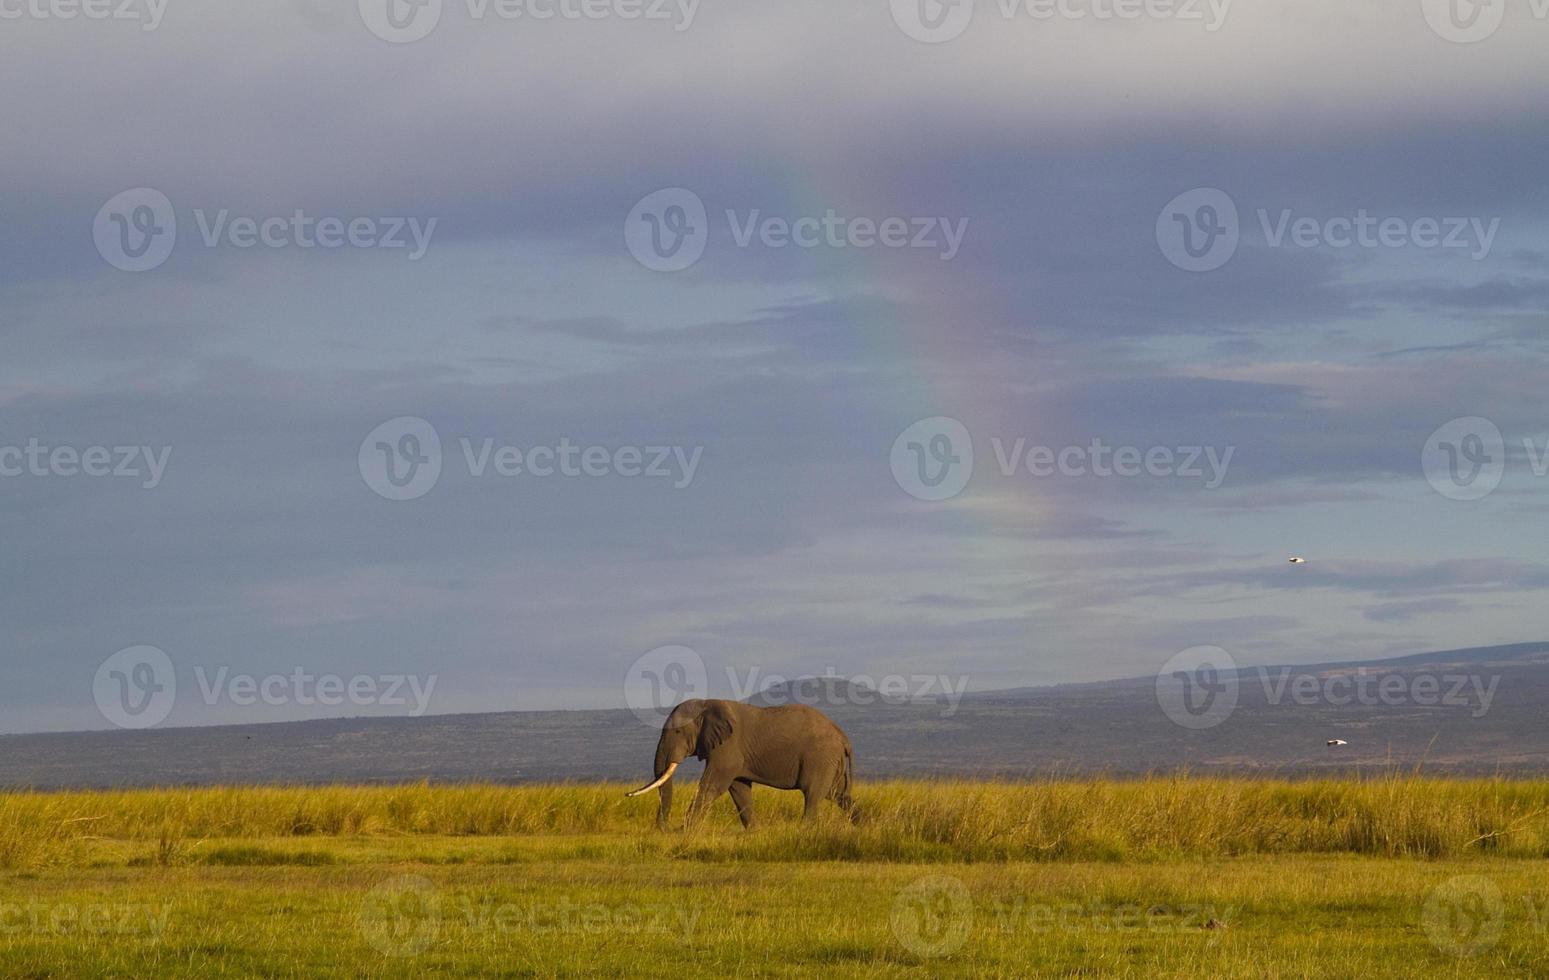 arco iris contra un elefante solitario foto